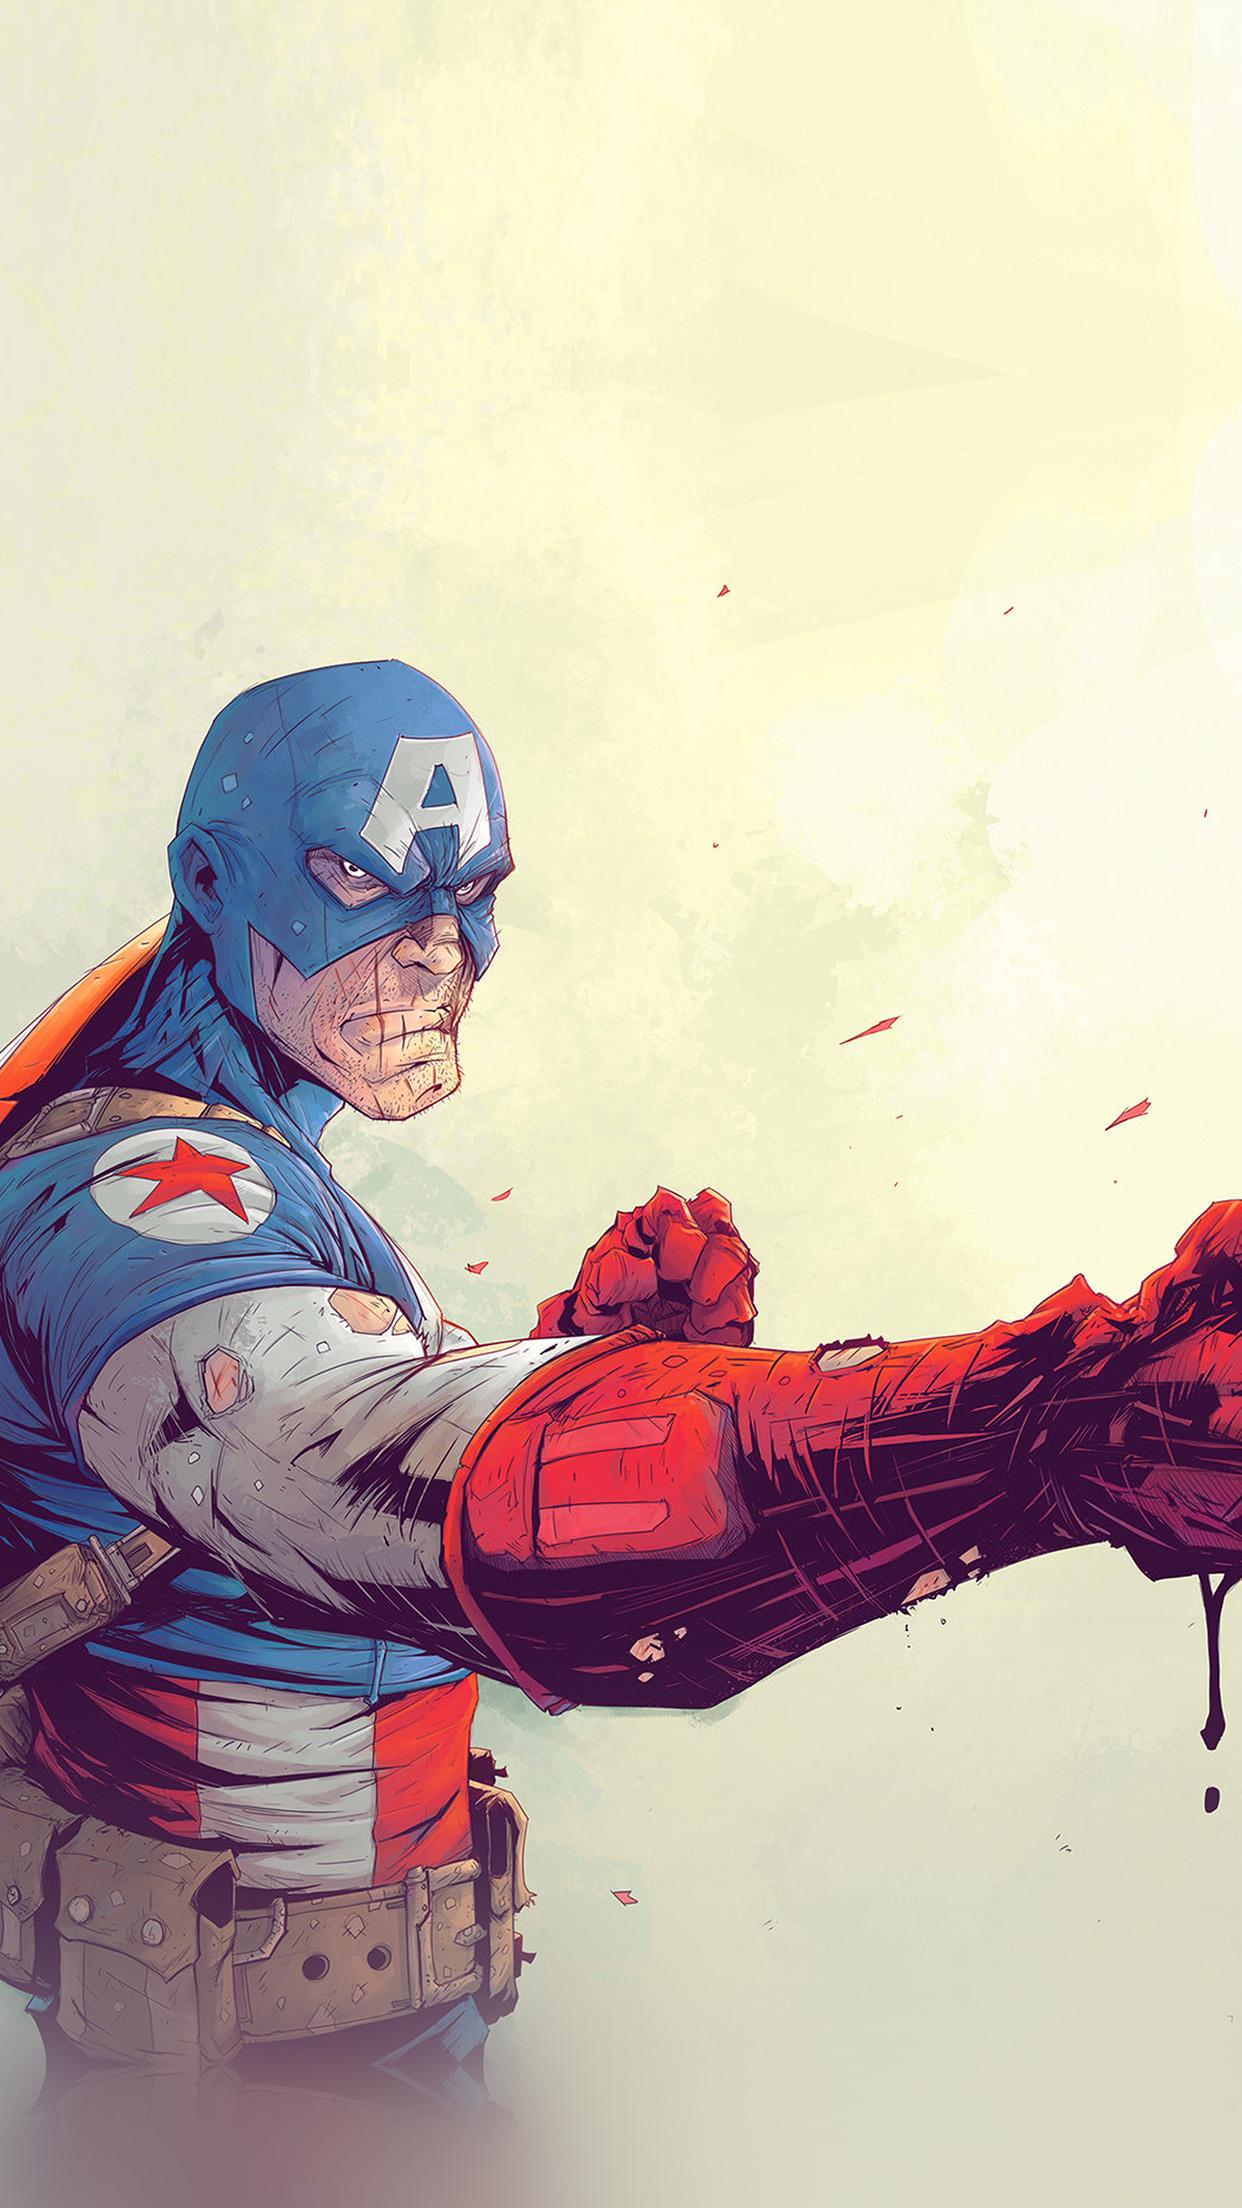 Captain America Anime Art 2251332 Hd Wallpaper